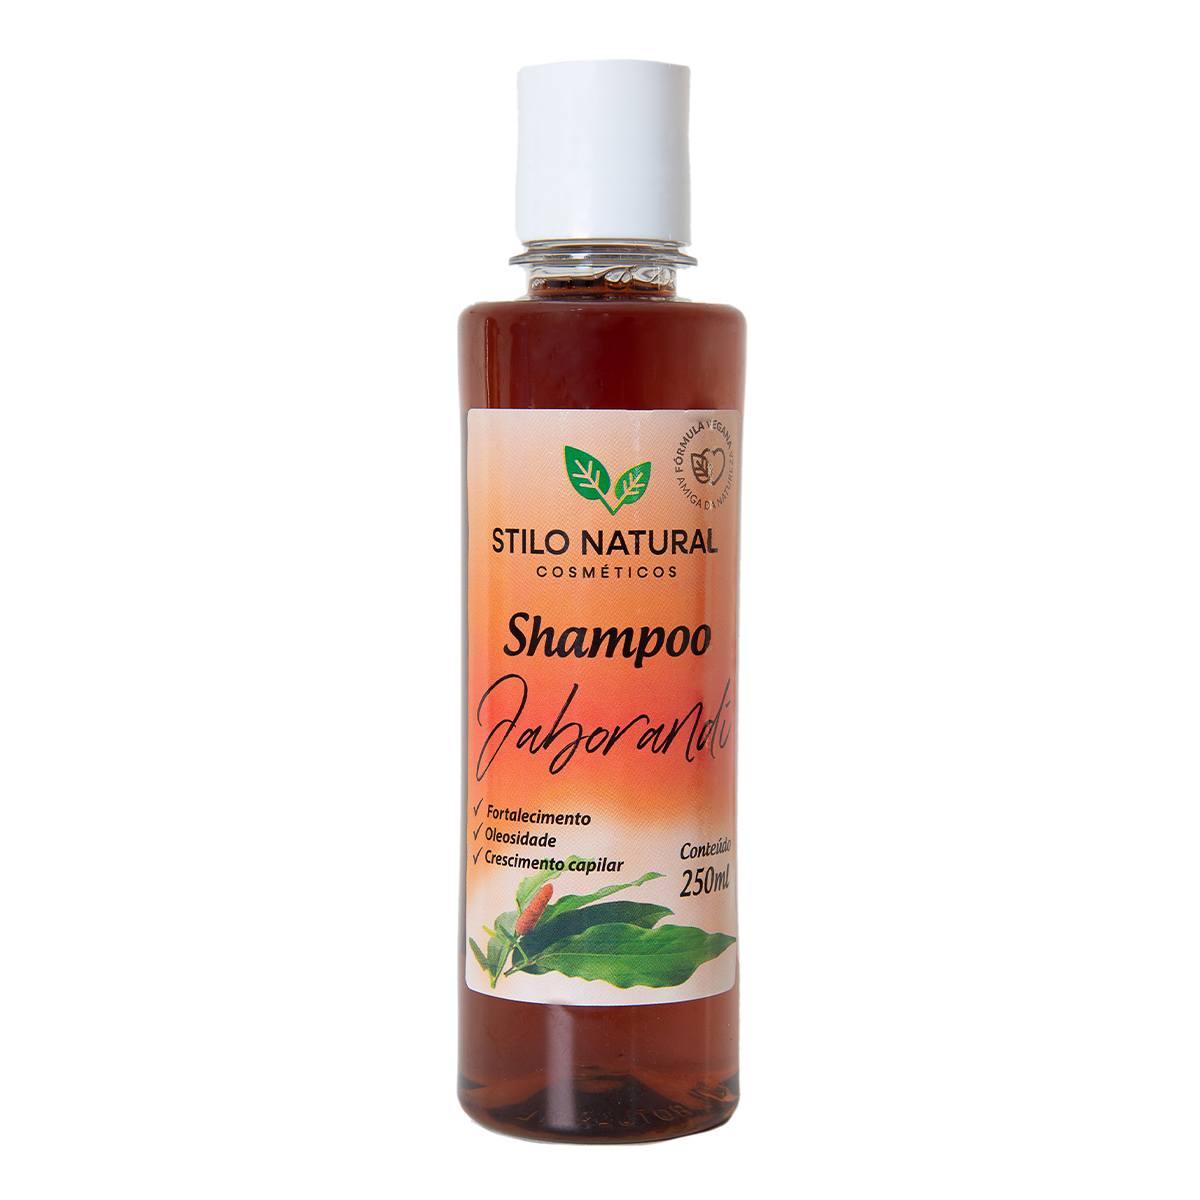 Shampoo Natural e Vegano, Jaborandi, Cabelos Saudáveis, Fortes e com Brilho, Stilo Natural